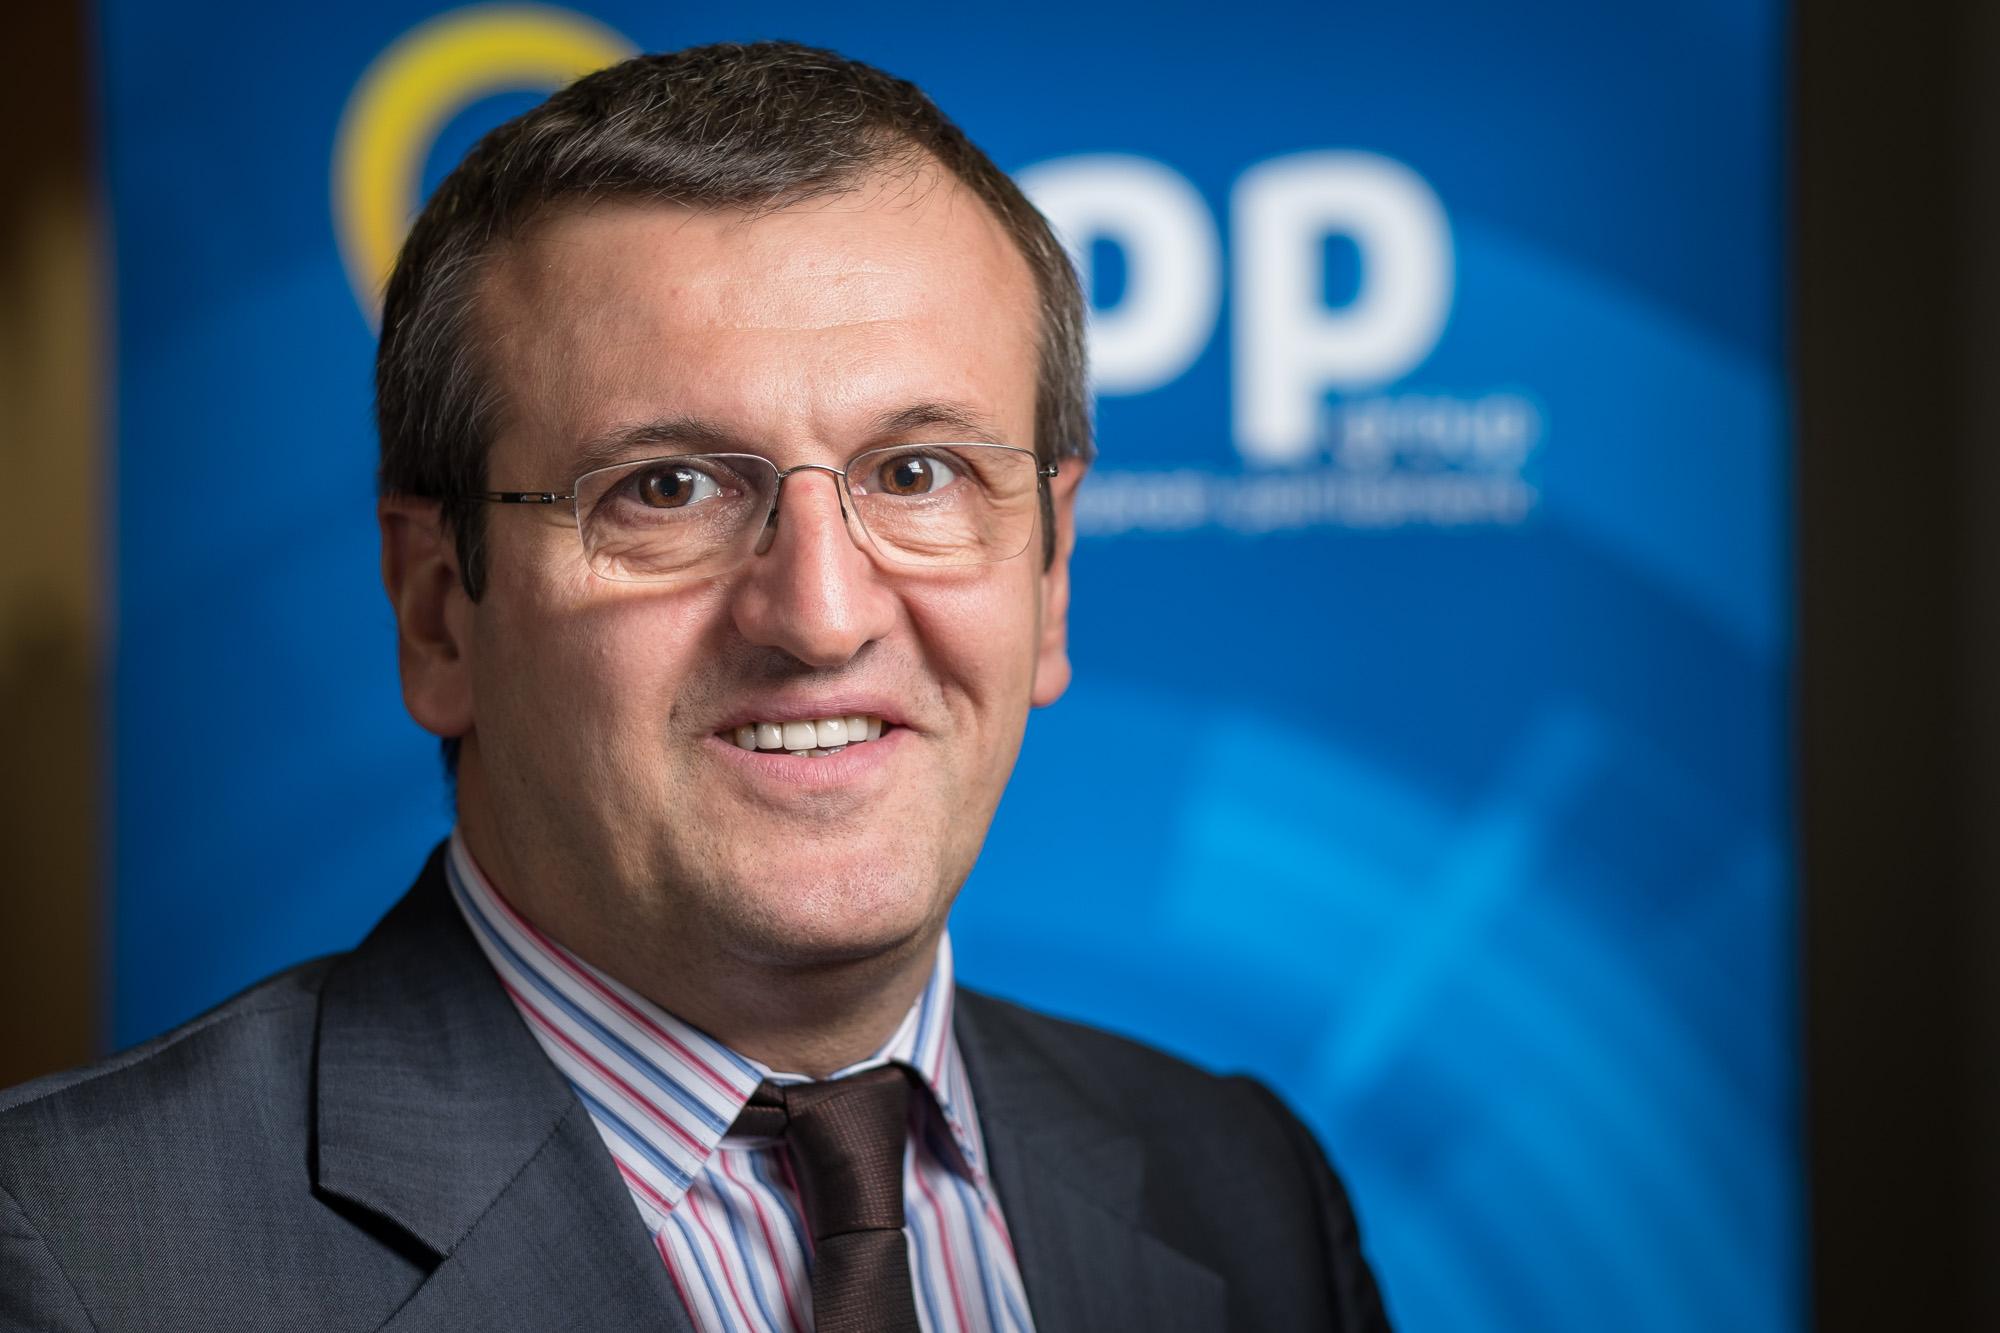 Cristian Preda - Profesor universitar, Decan - Facultatea de Ştiinţe Politice, Universitatea din Bucureşti